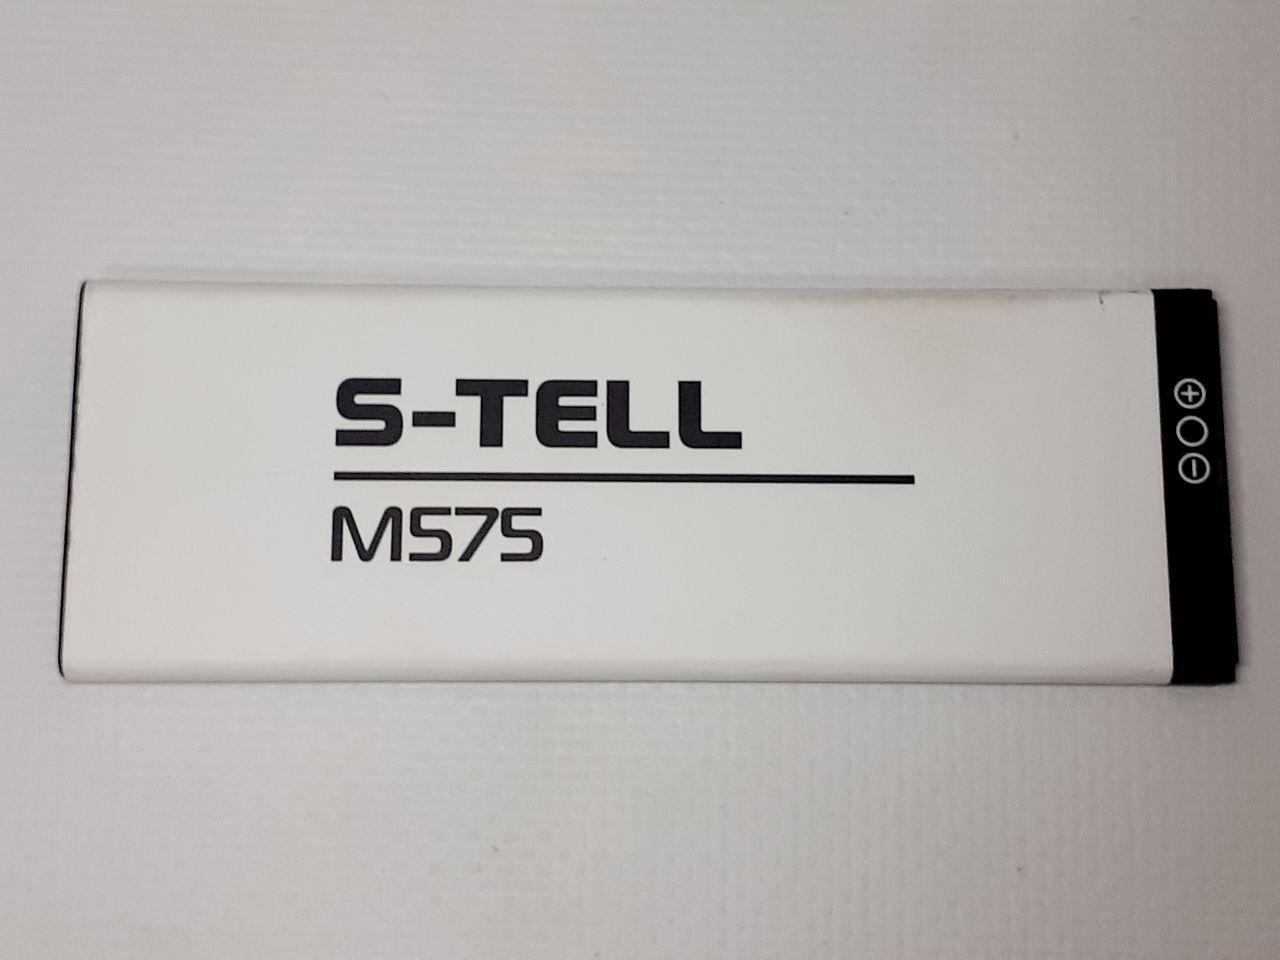 Акумулятор S-tell M575 (Li-ion 3.8 V 2050mAh) оригінал , сервісний